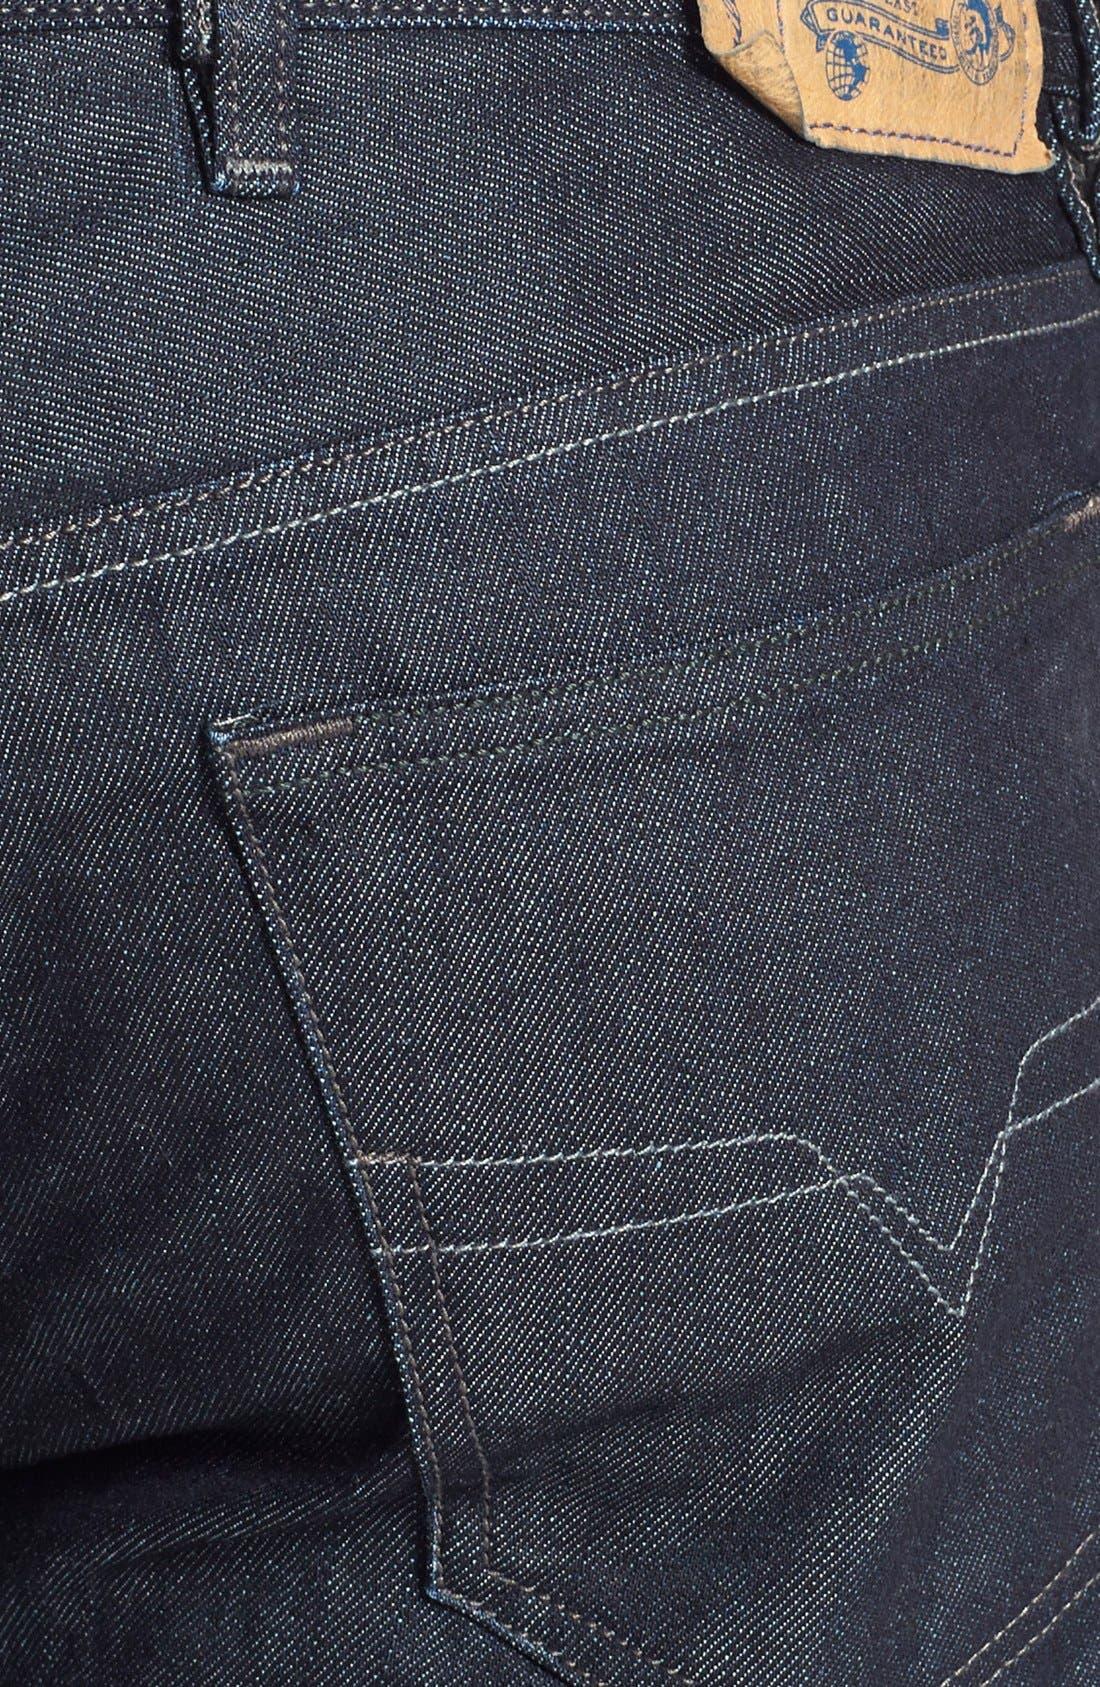 Waykee Straight Leg Jeans,                             Alternate thumbnail 5, color,